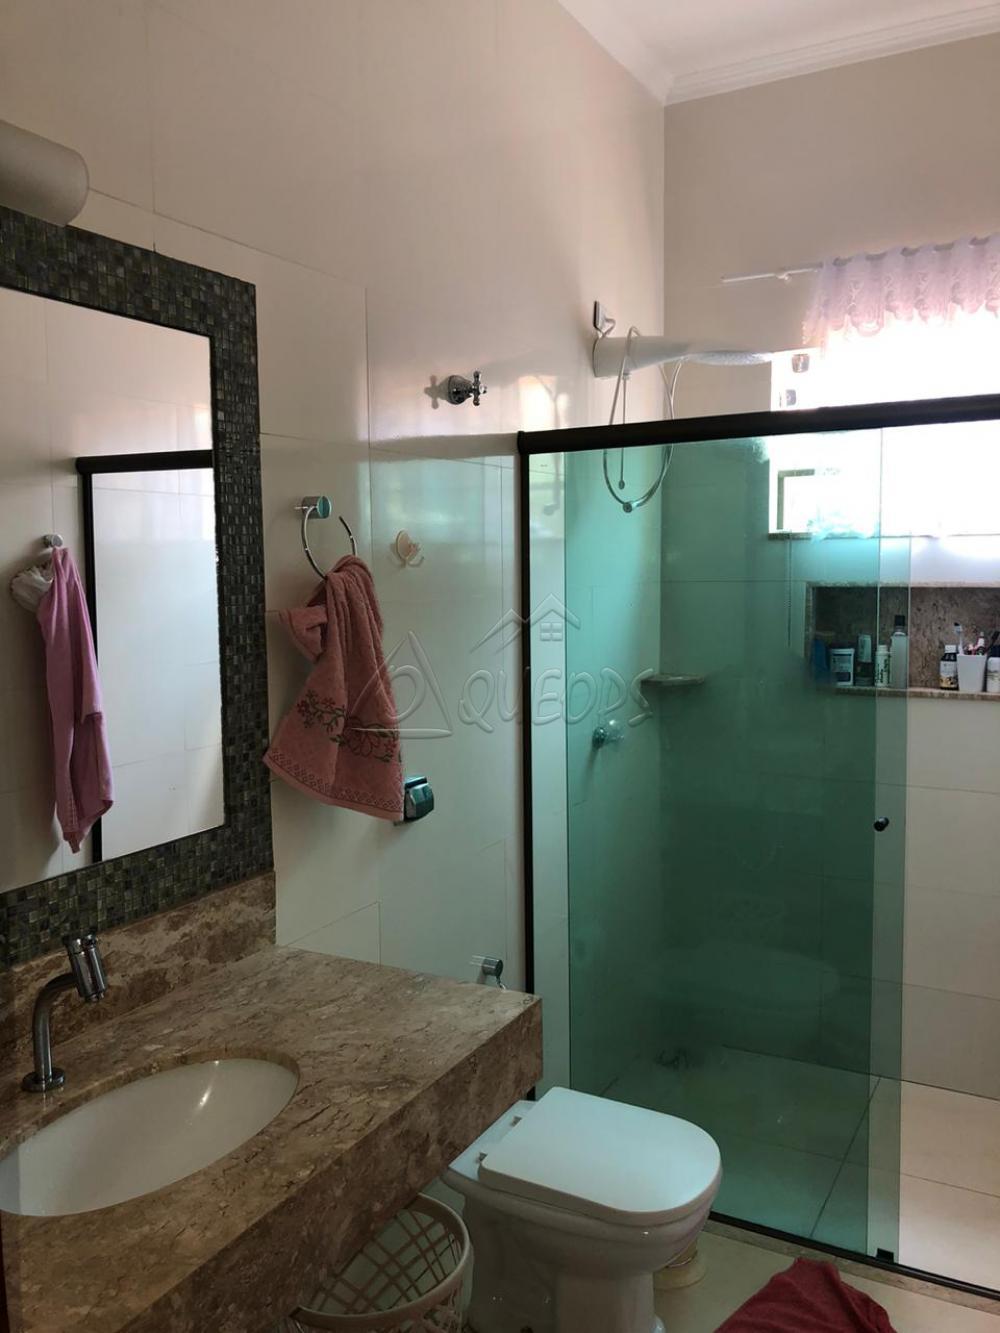 Comprar Casa / Padrão em Barretos apenas R$ 750.000,00 - Foto 12